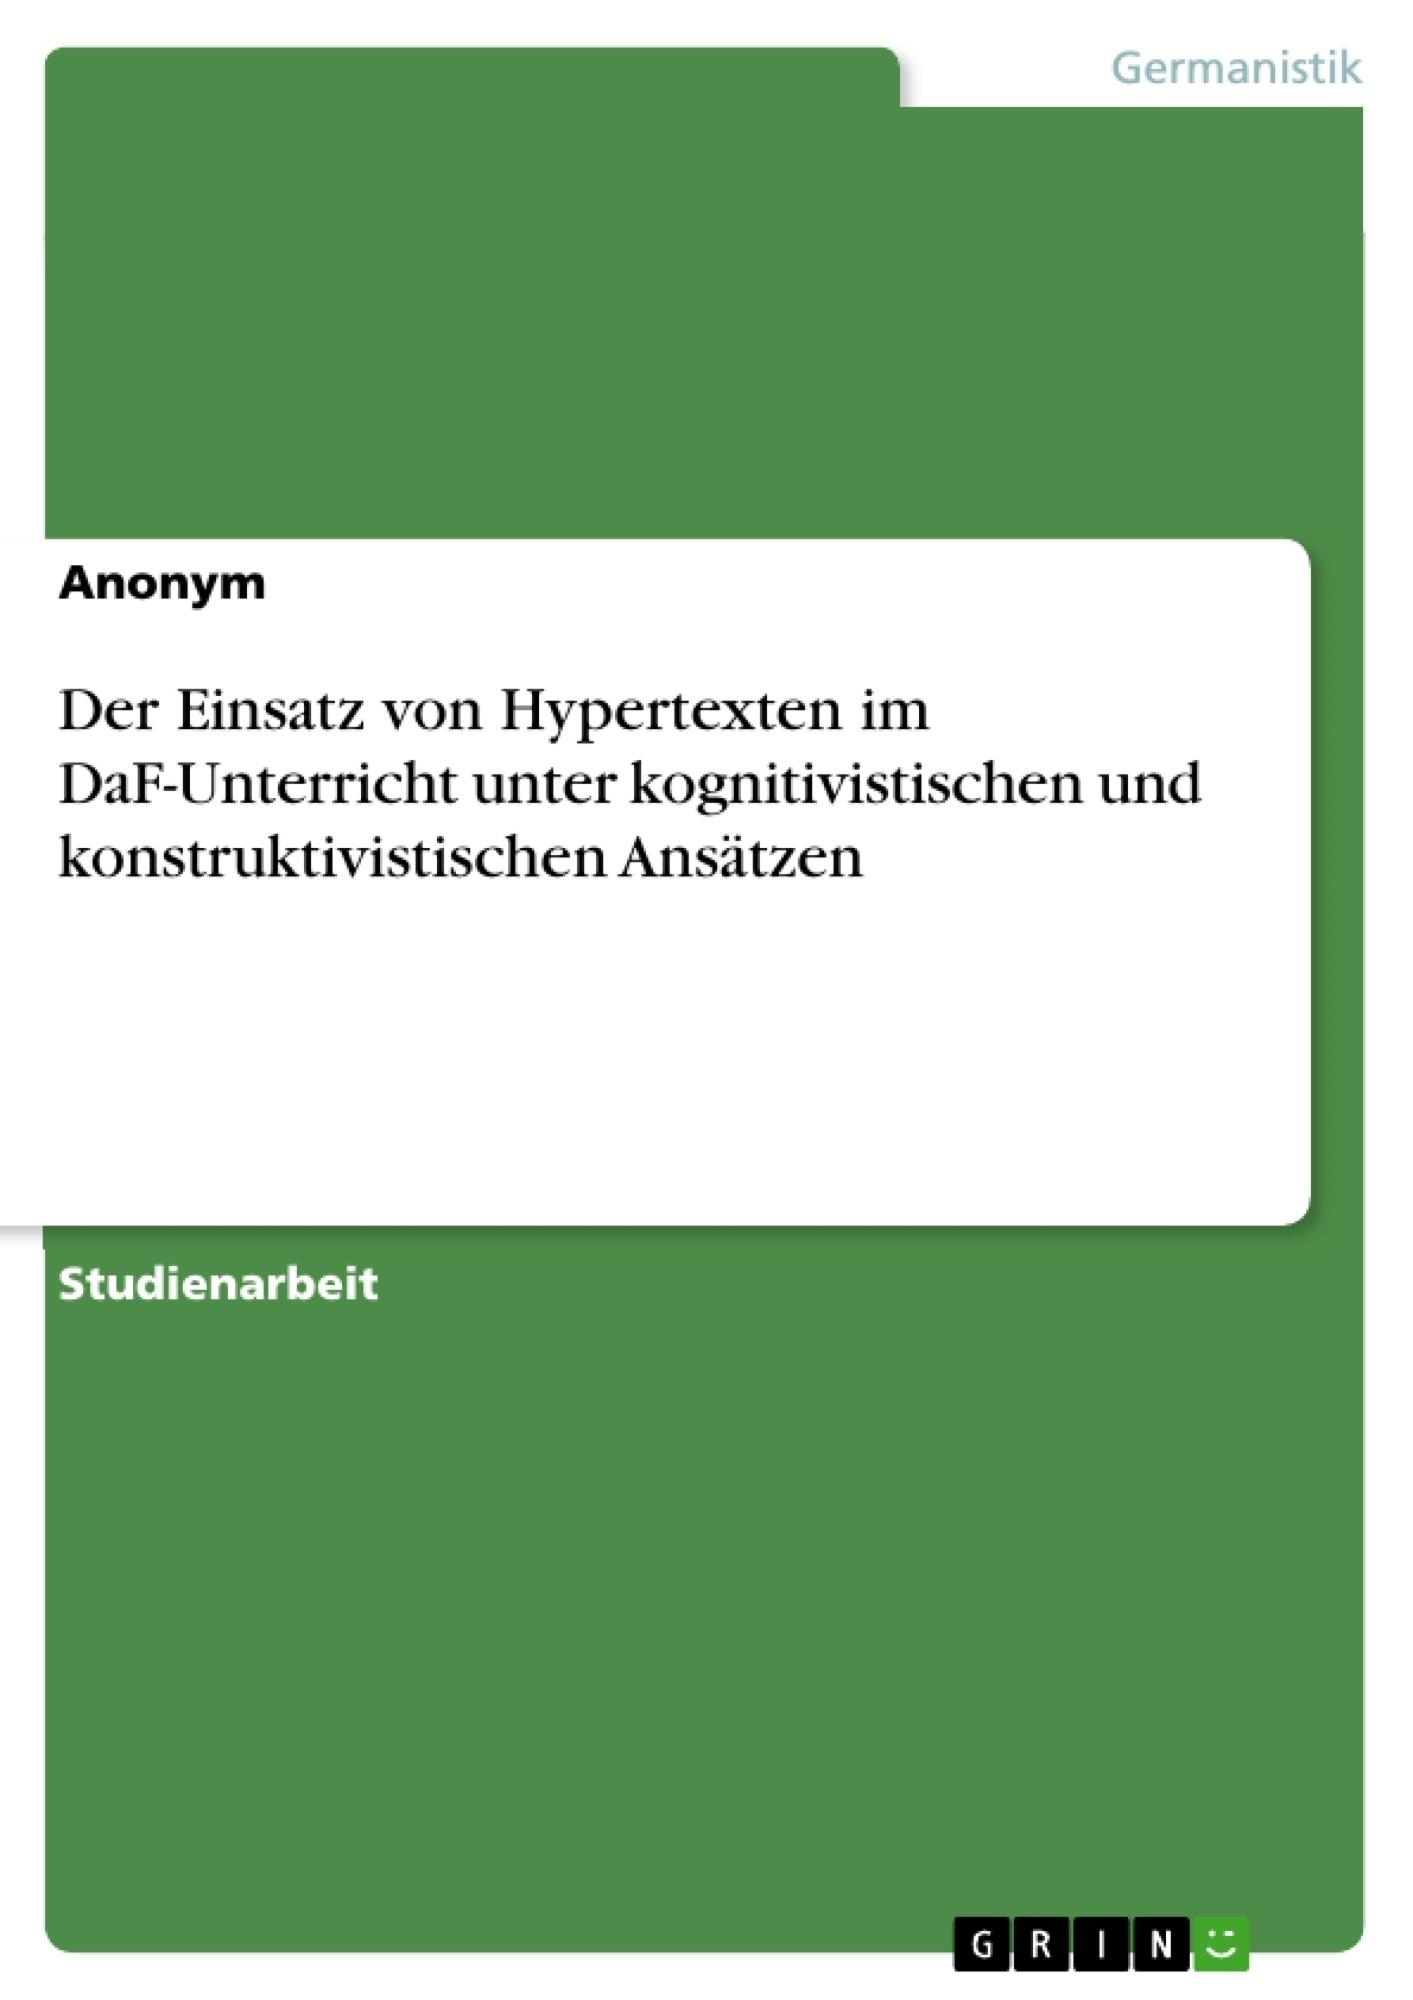 Titel: Der Einsatz von Hypertexten im DaF-Unterricht unter kognitivistischen und konstruktivistischen Ansätzen